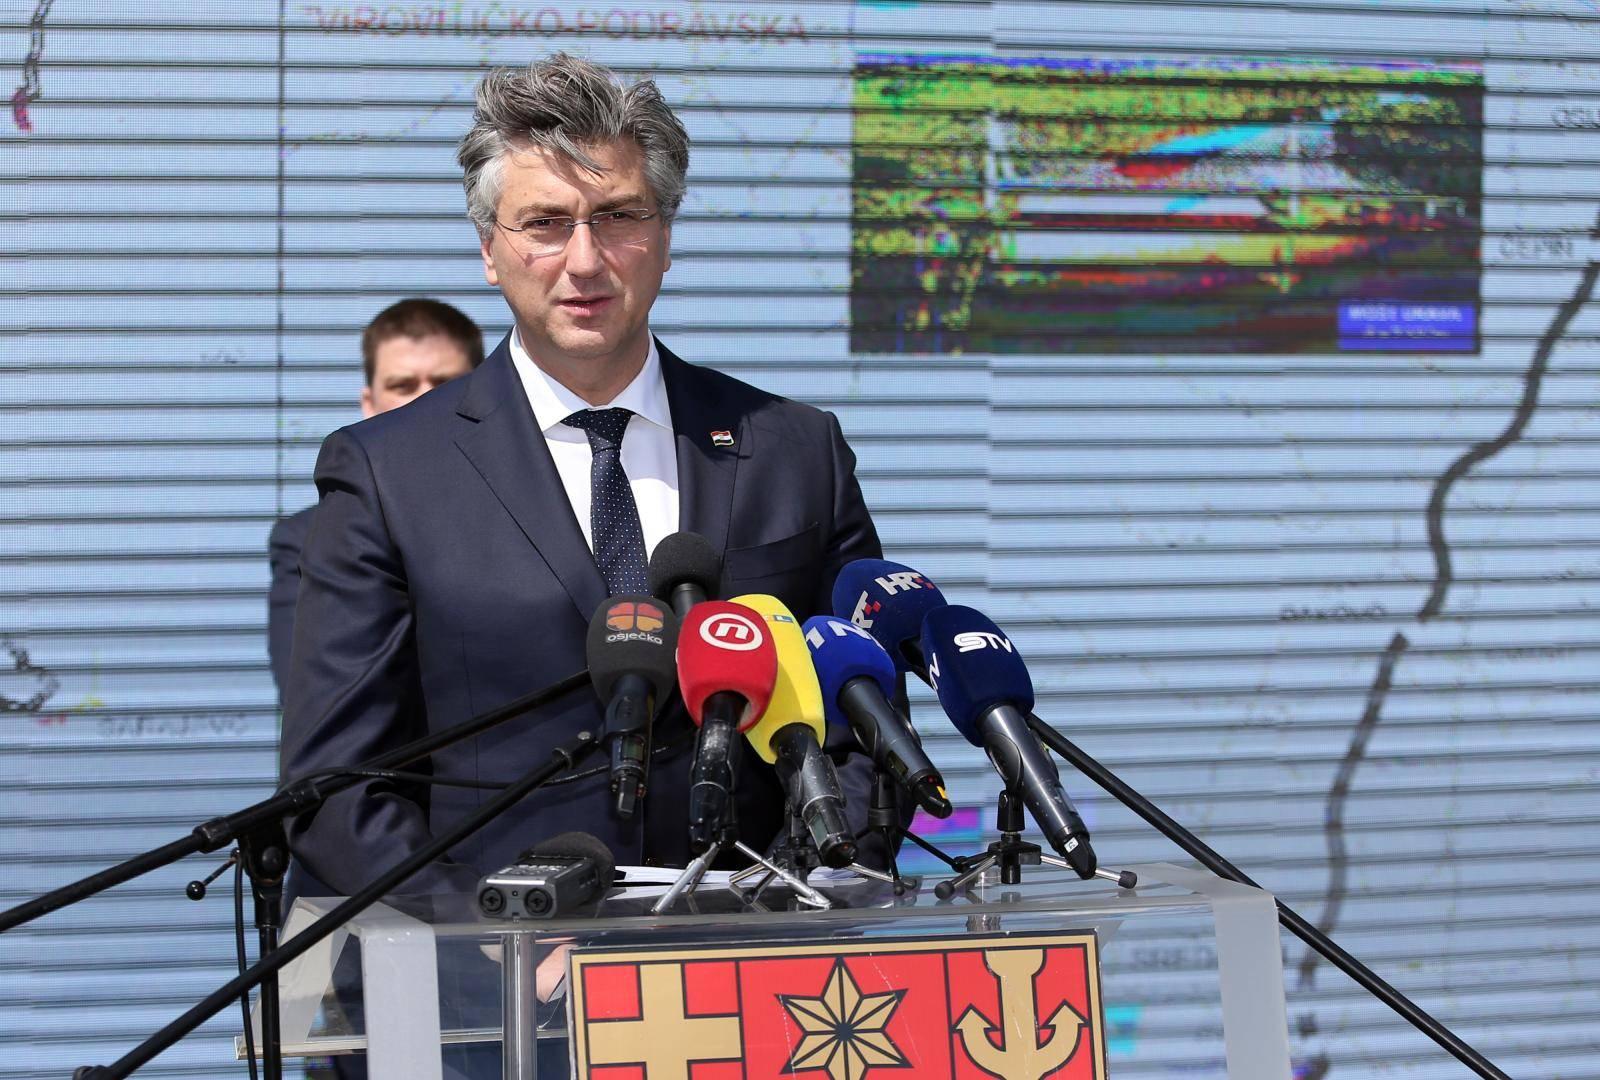 Potpisan ugovor za izgradnju poddionice Beli Manastir - most Halasica na autocesti A5